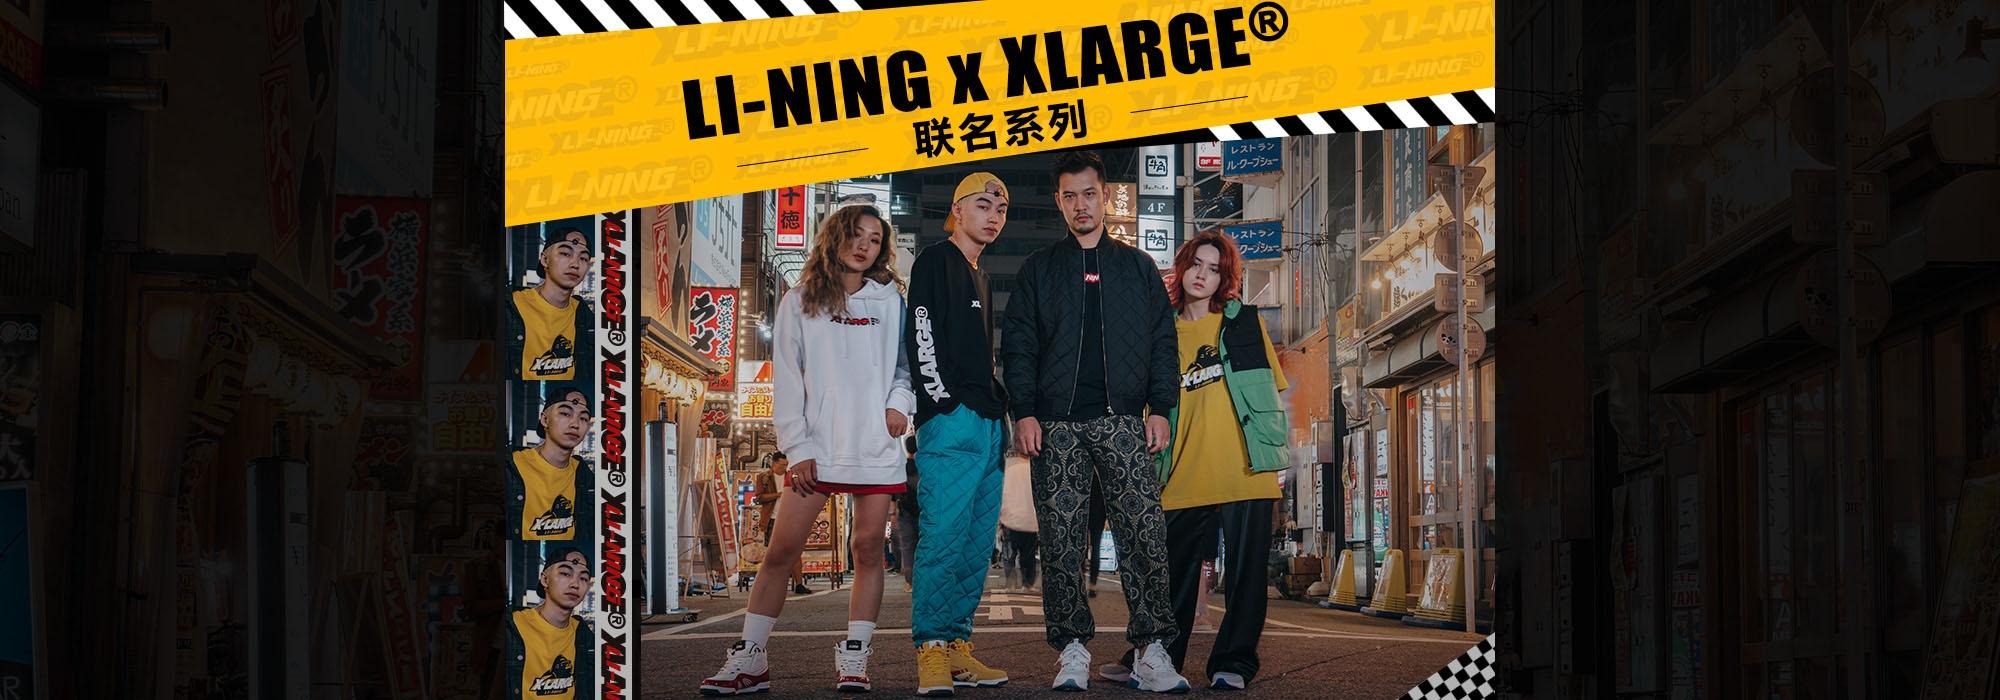 Li-Ning x XLARGE